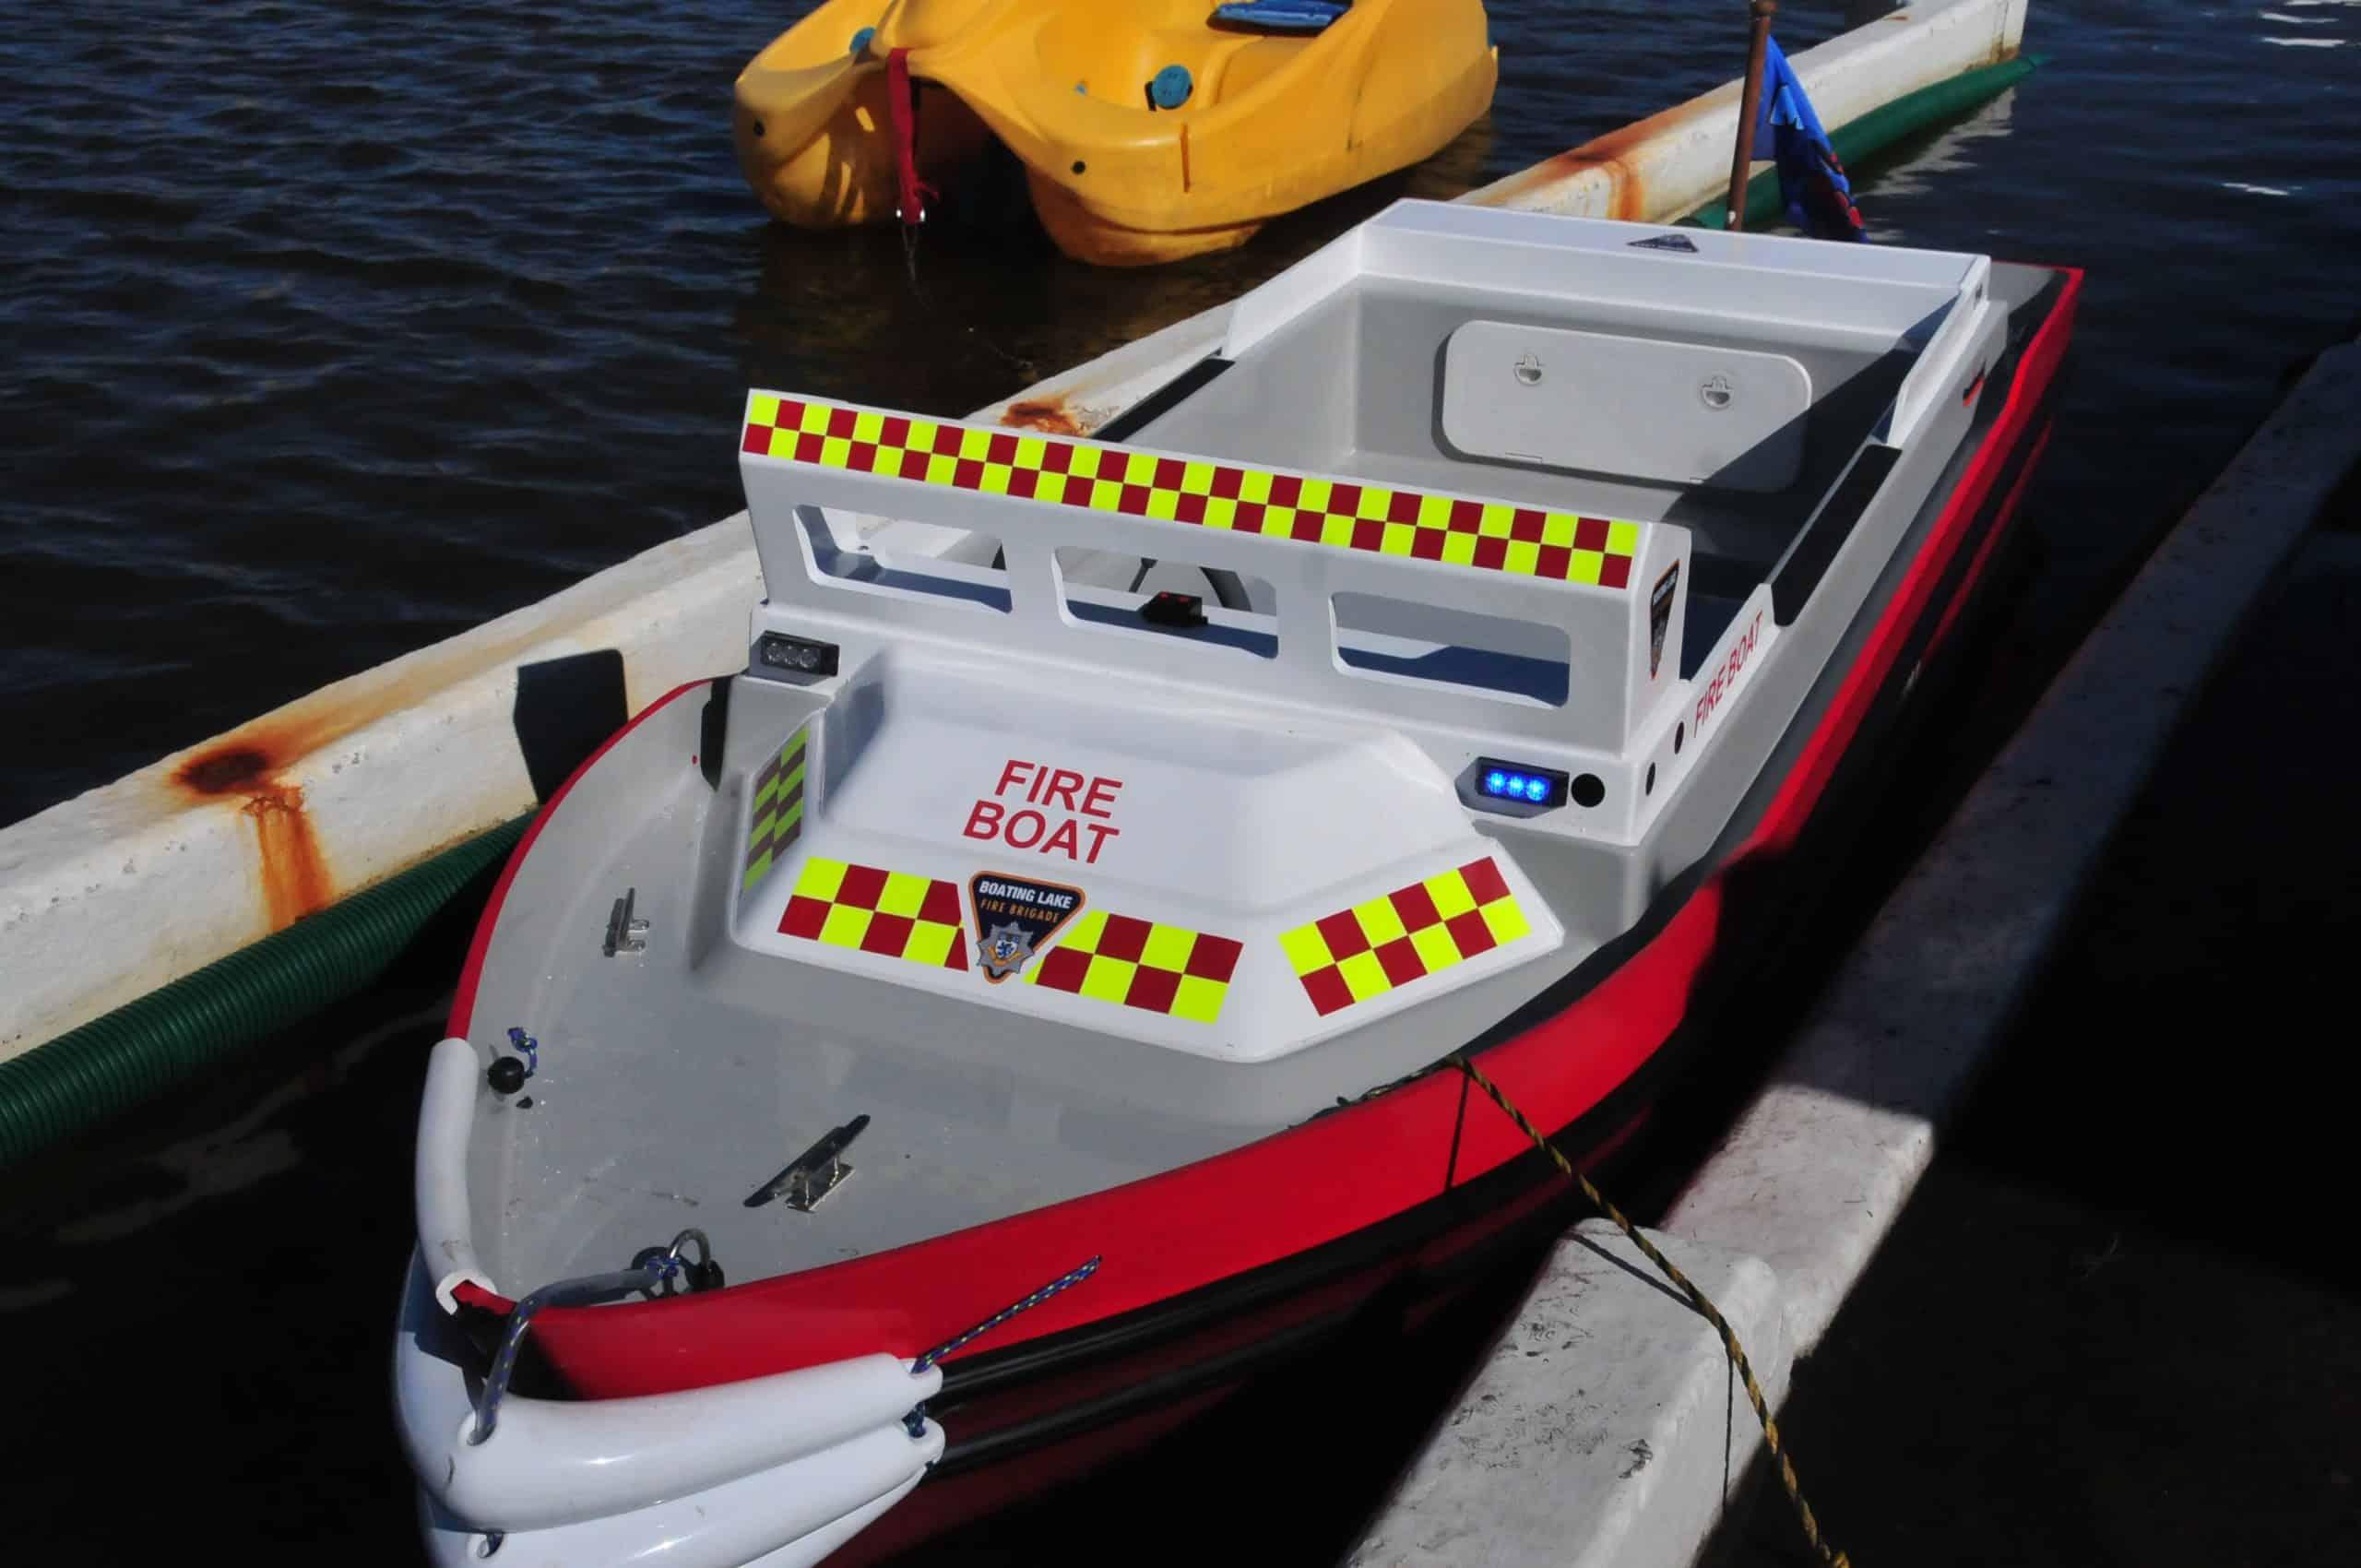 Fire Boat 042